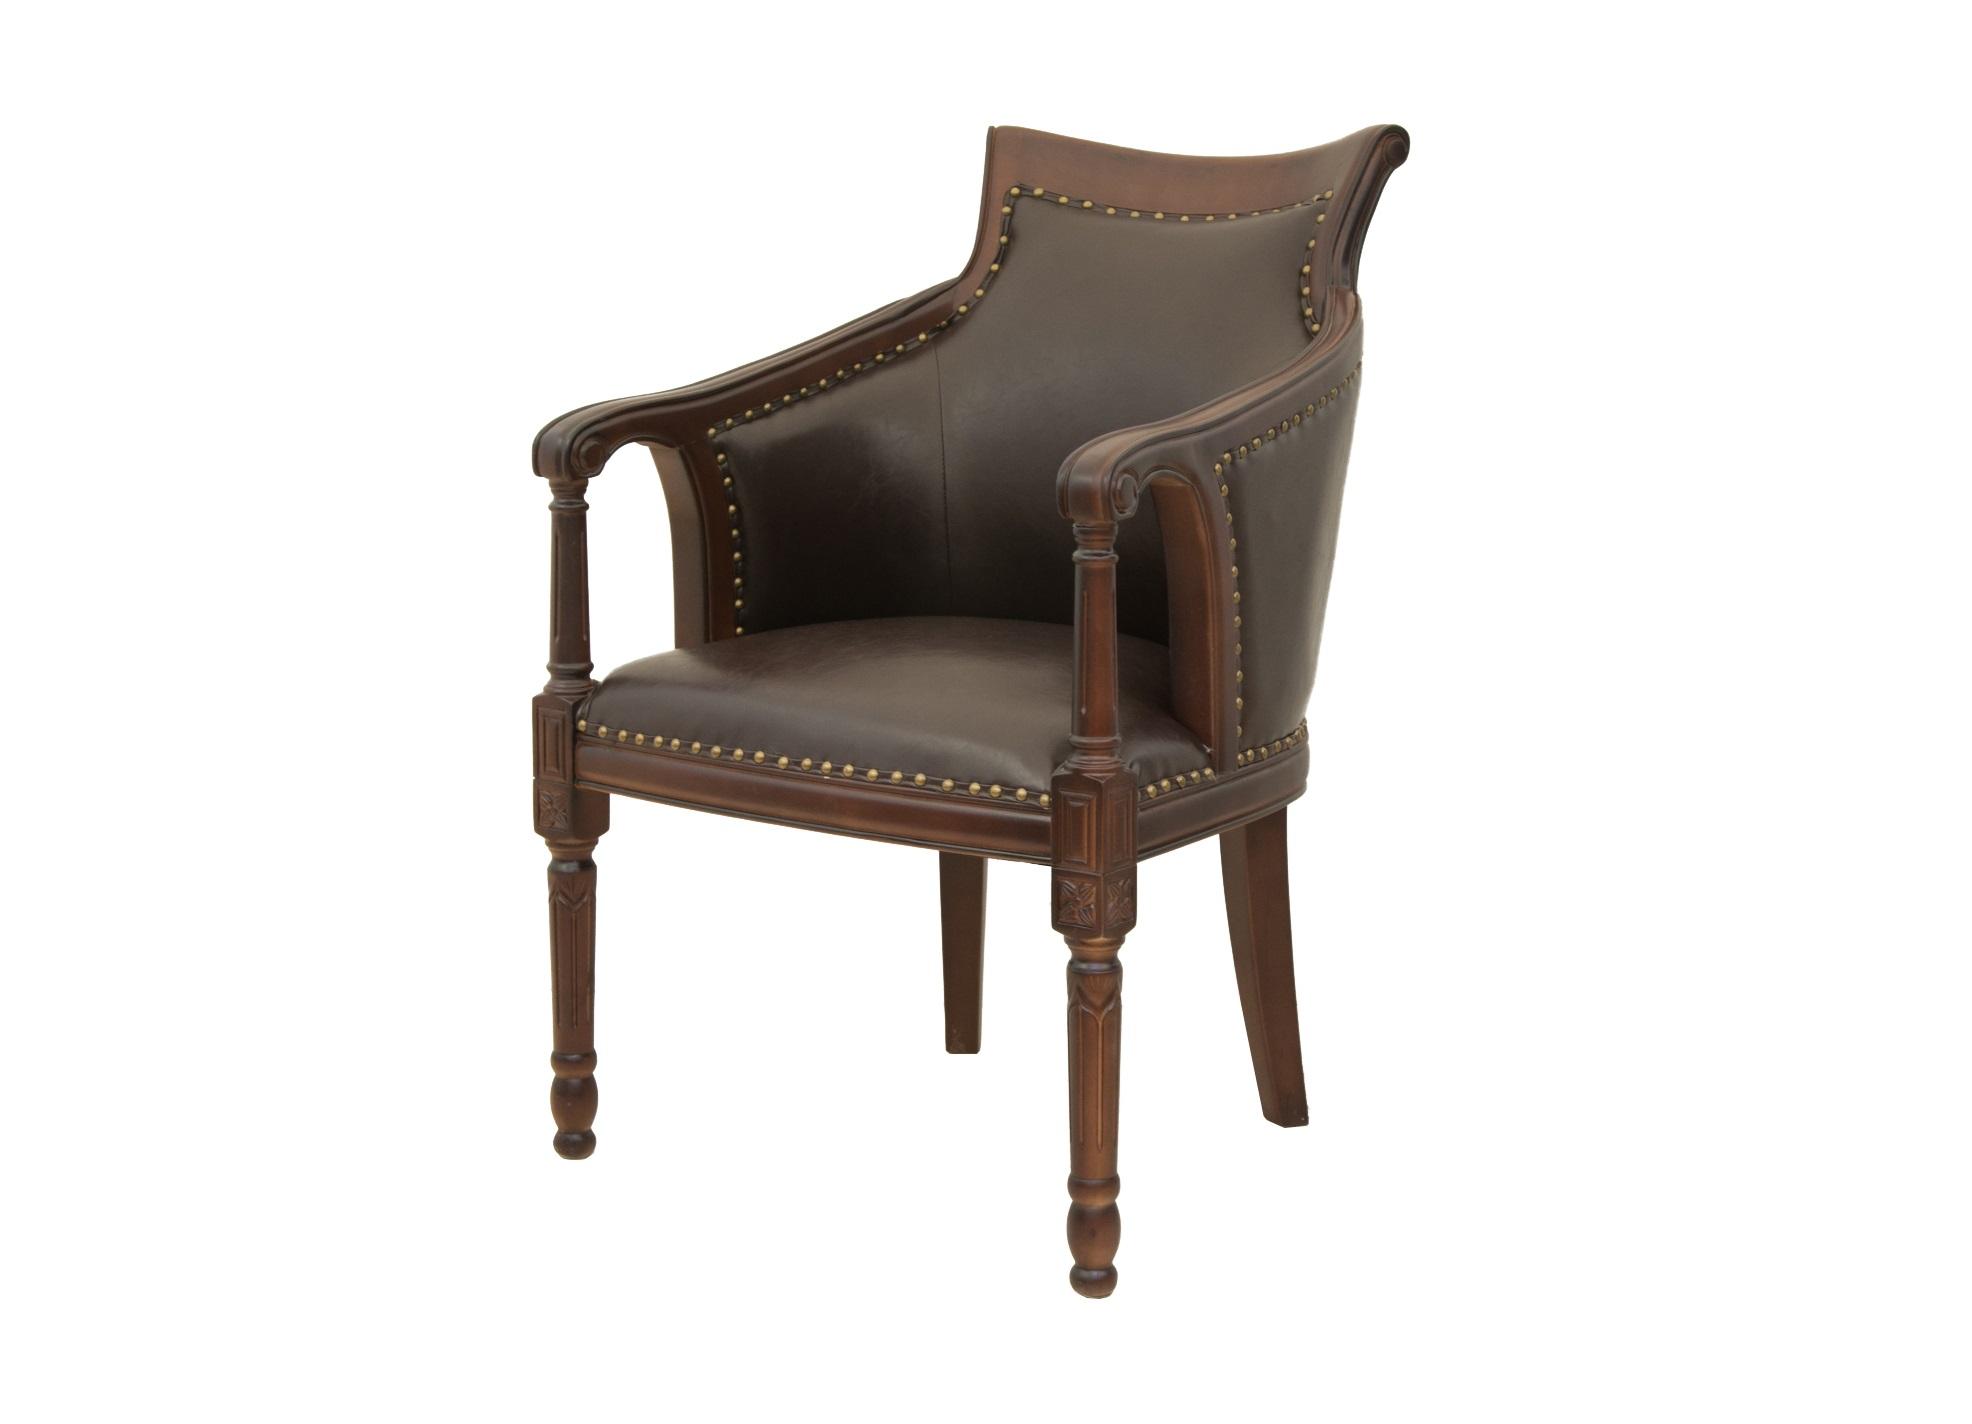 Деревянное кресло ValeneИнтерьерные кресла<br>Кресло Valene это простое, но лаконичное деревянное кресло. Его каркас выполнен из ценных пород дерева, а оббивка имеет спокойную и приятную фактуру. Внешне он достаточно представителен и достоин того, чтобы Вы могли украсить им гостиную или кабинет.&amp;amp;nbsp;<br><br>Material: Экокожа<br>Ширина см: 61<br>Высота см: 94<br>Глубина см: 74